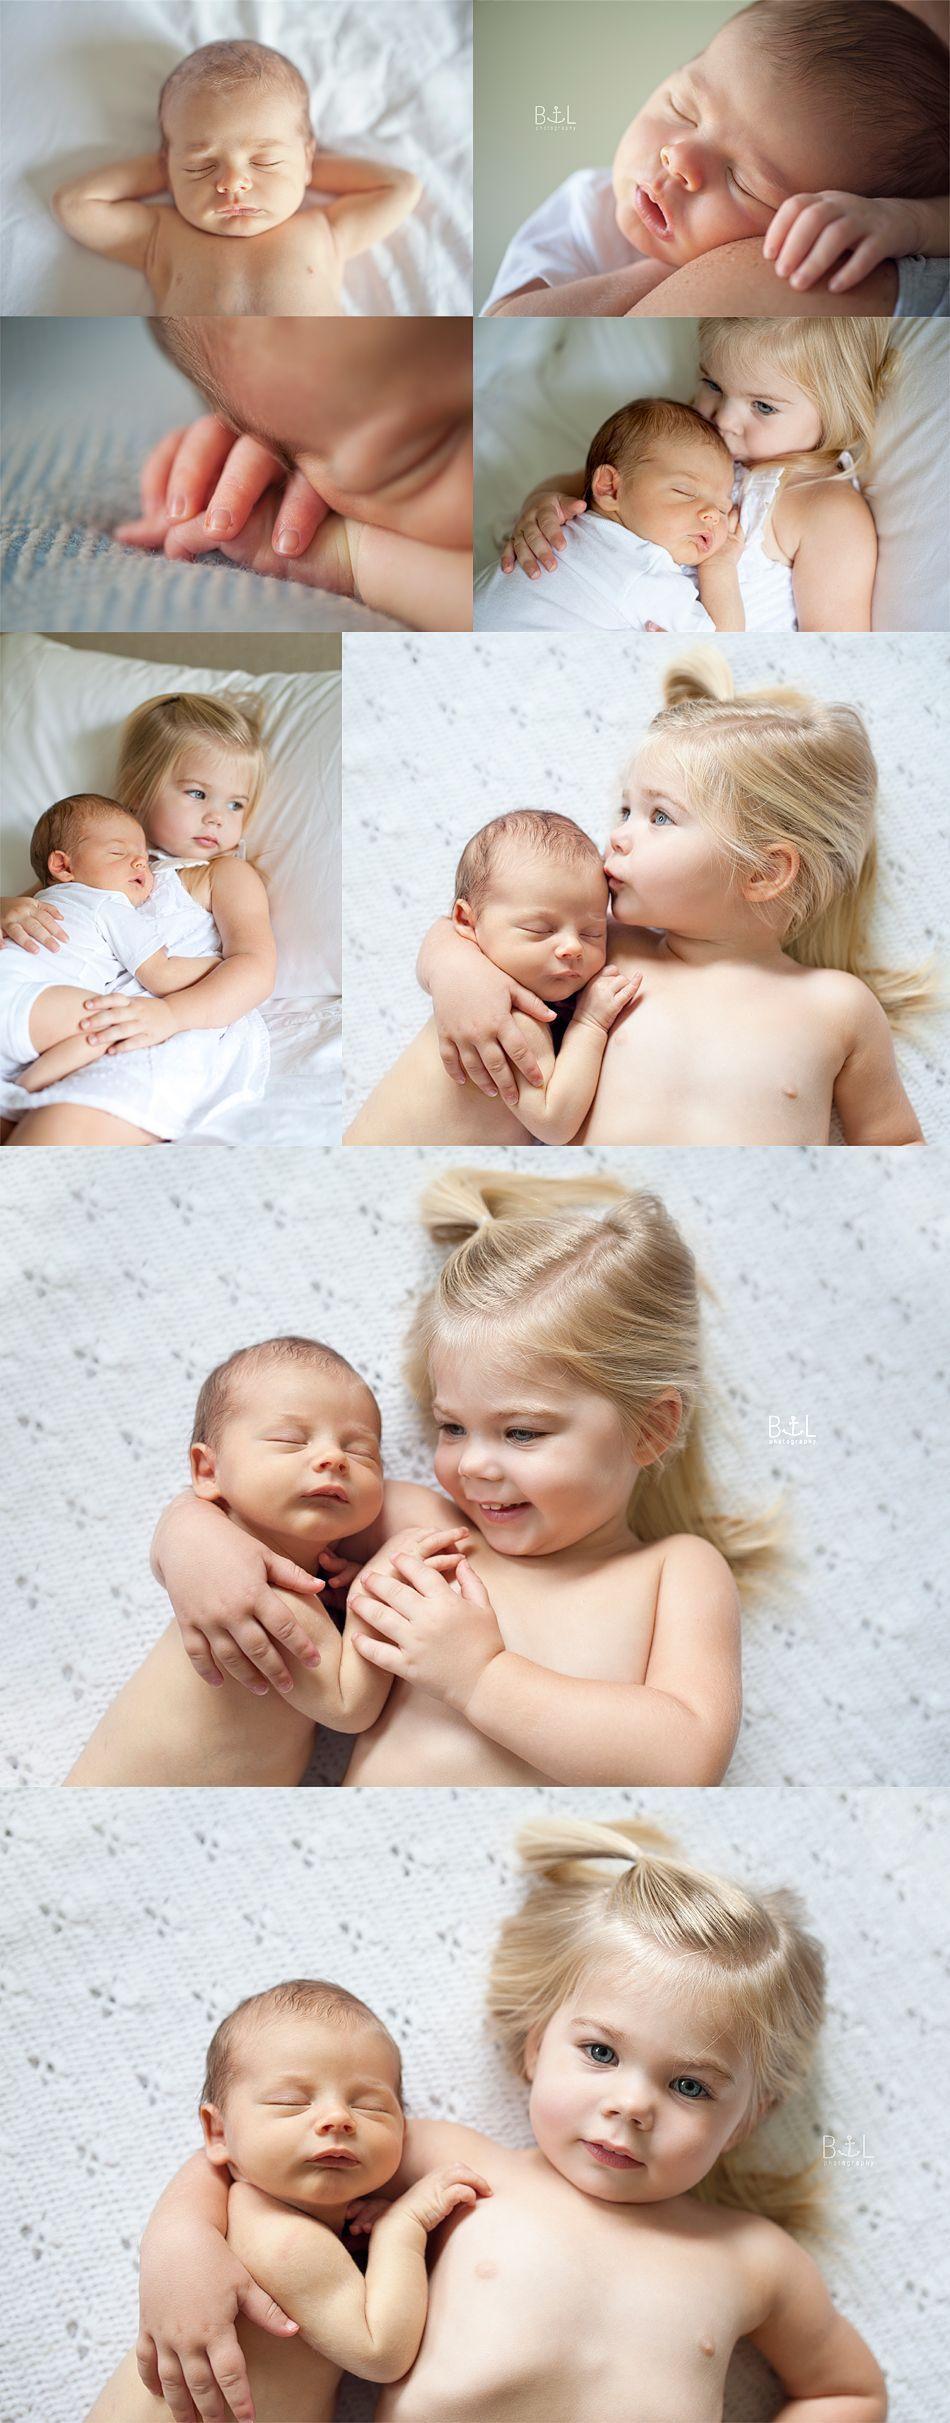 pin von margarethe lepp auf fotografie baby pinterest fotoshooting baby foto baby und baby. Black Bedroom Furniture Sets. Home Design Ideas